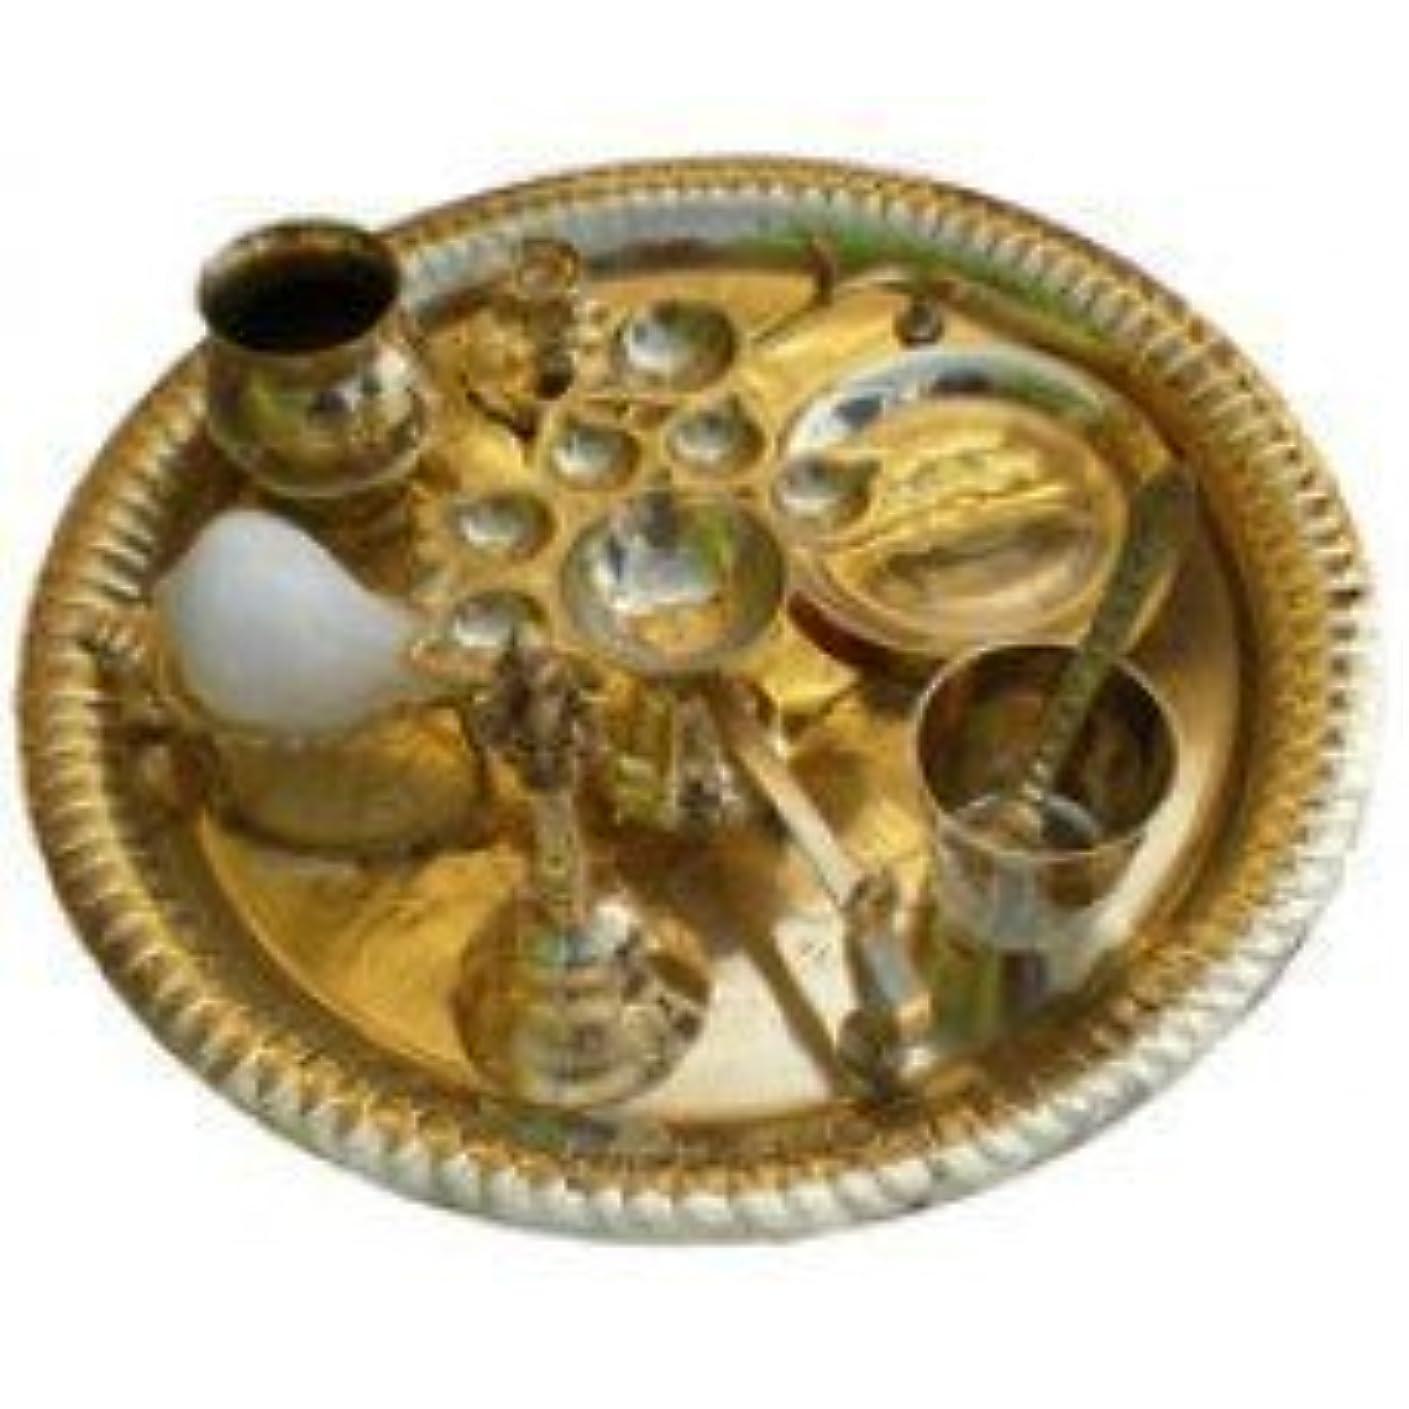 ディスコ良心的比較的Aarti Set (tray with Bell, Incense Holder, Flower Tray, Conch, Ghee Lamps)